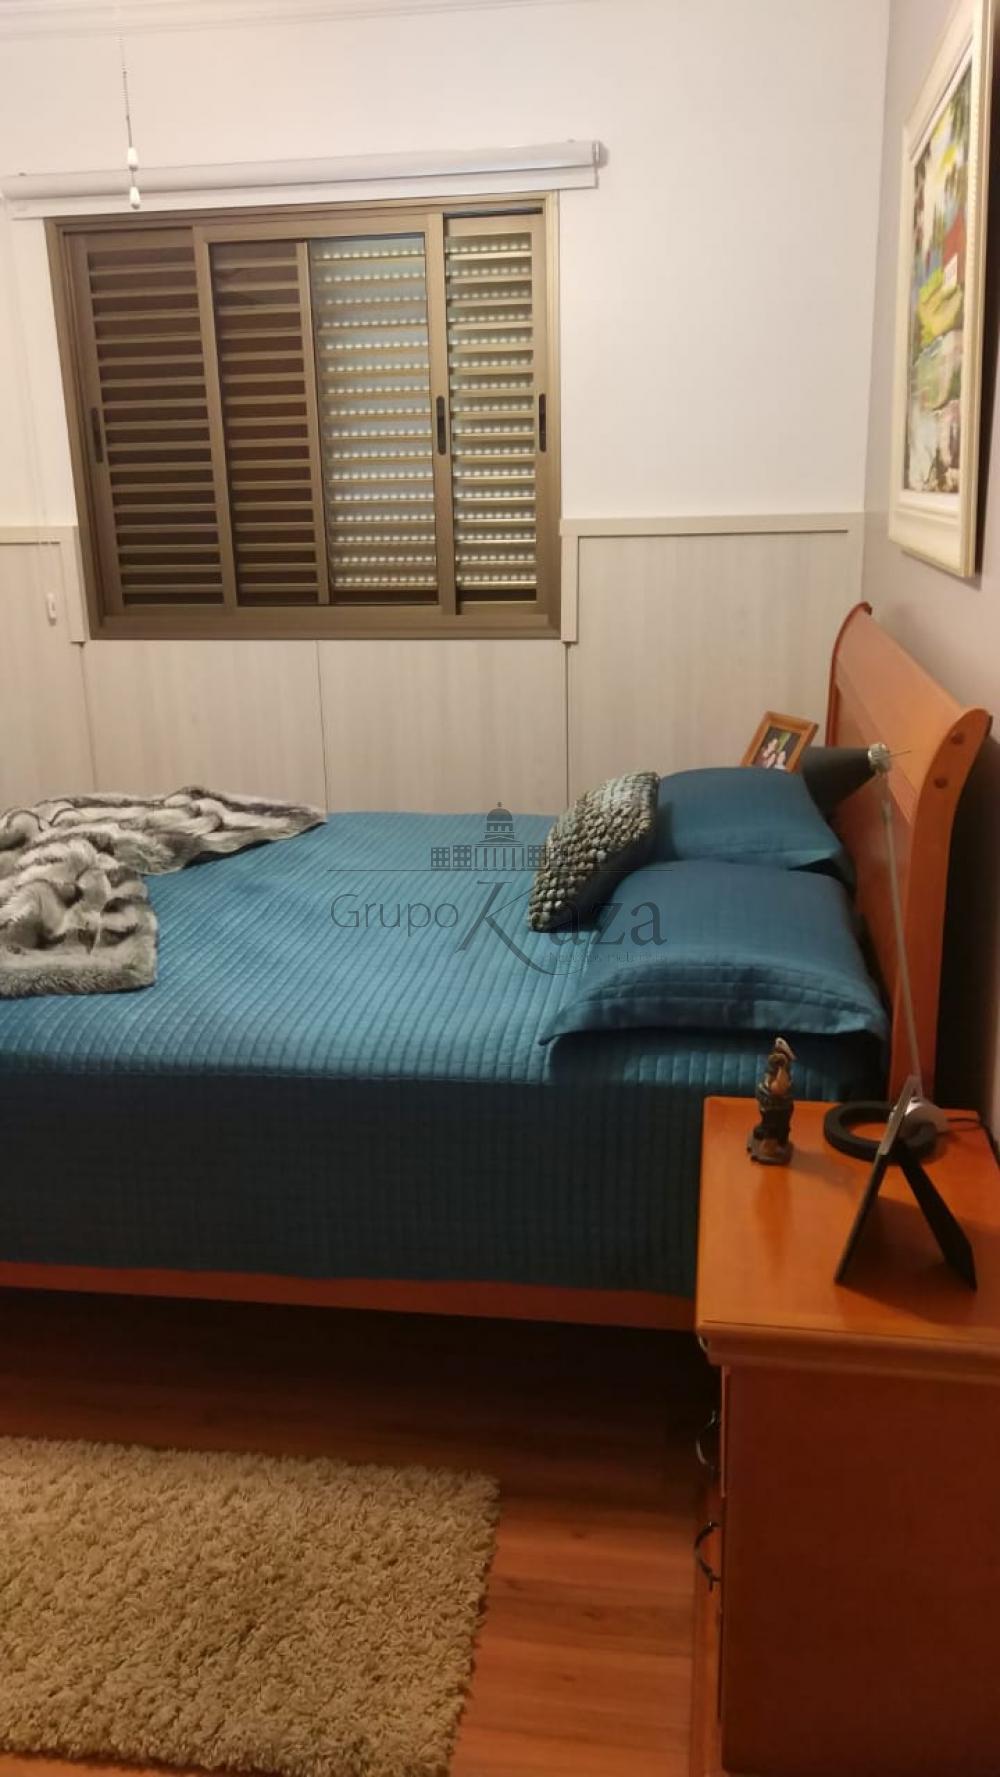 Comprar Apartamento / Padrão em São José dos Campos apenas R$ 1.500.000,00 - Foto 36